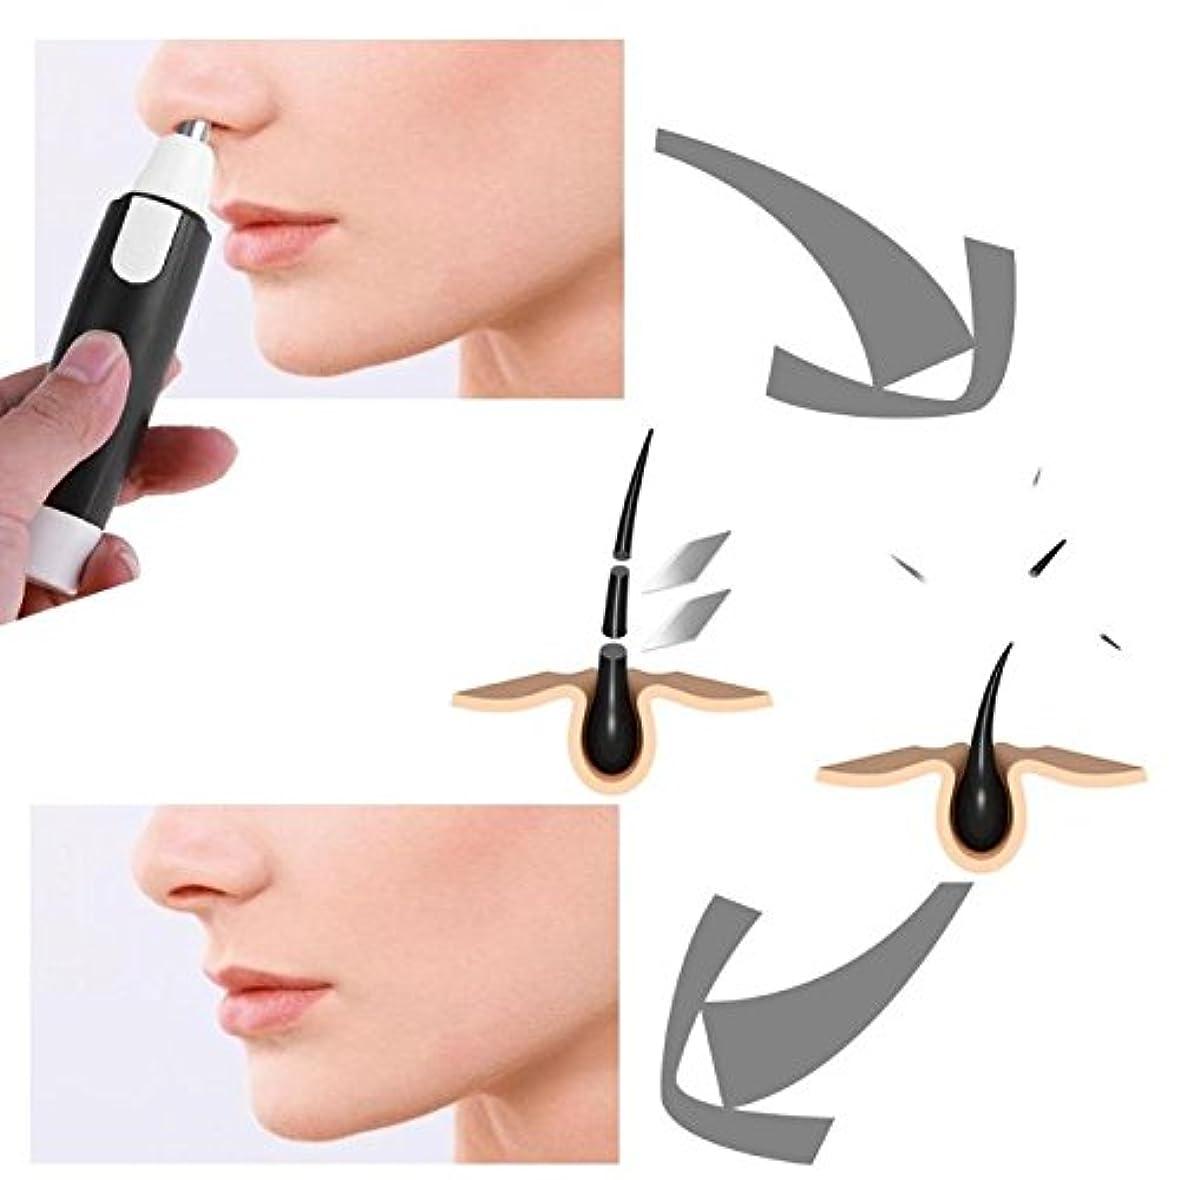 フロント牧師ルーチンElectric Shaver Men Nose Face Care Hair Removal Trimmer Cleaner Tool Nasal Wool Implement Nose Hair Cut For Men Washed Trimmer